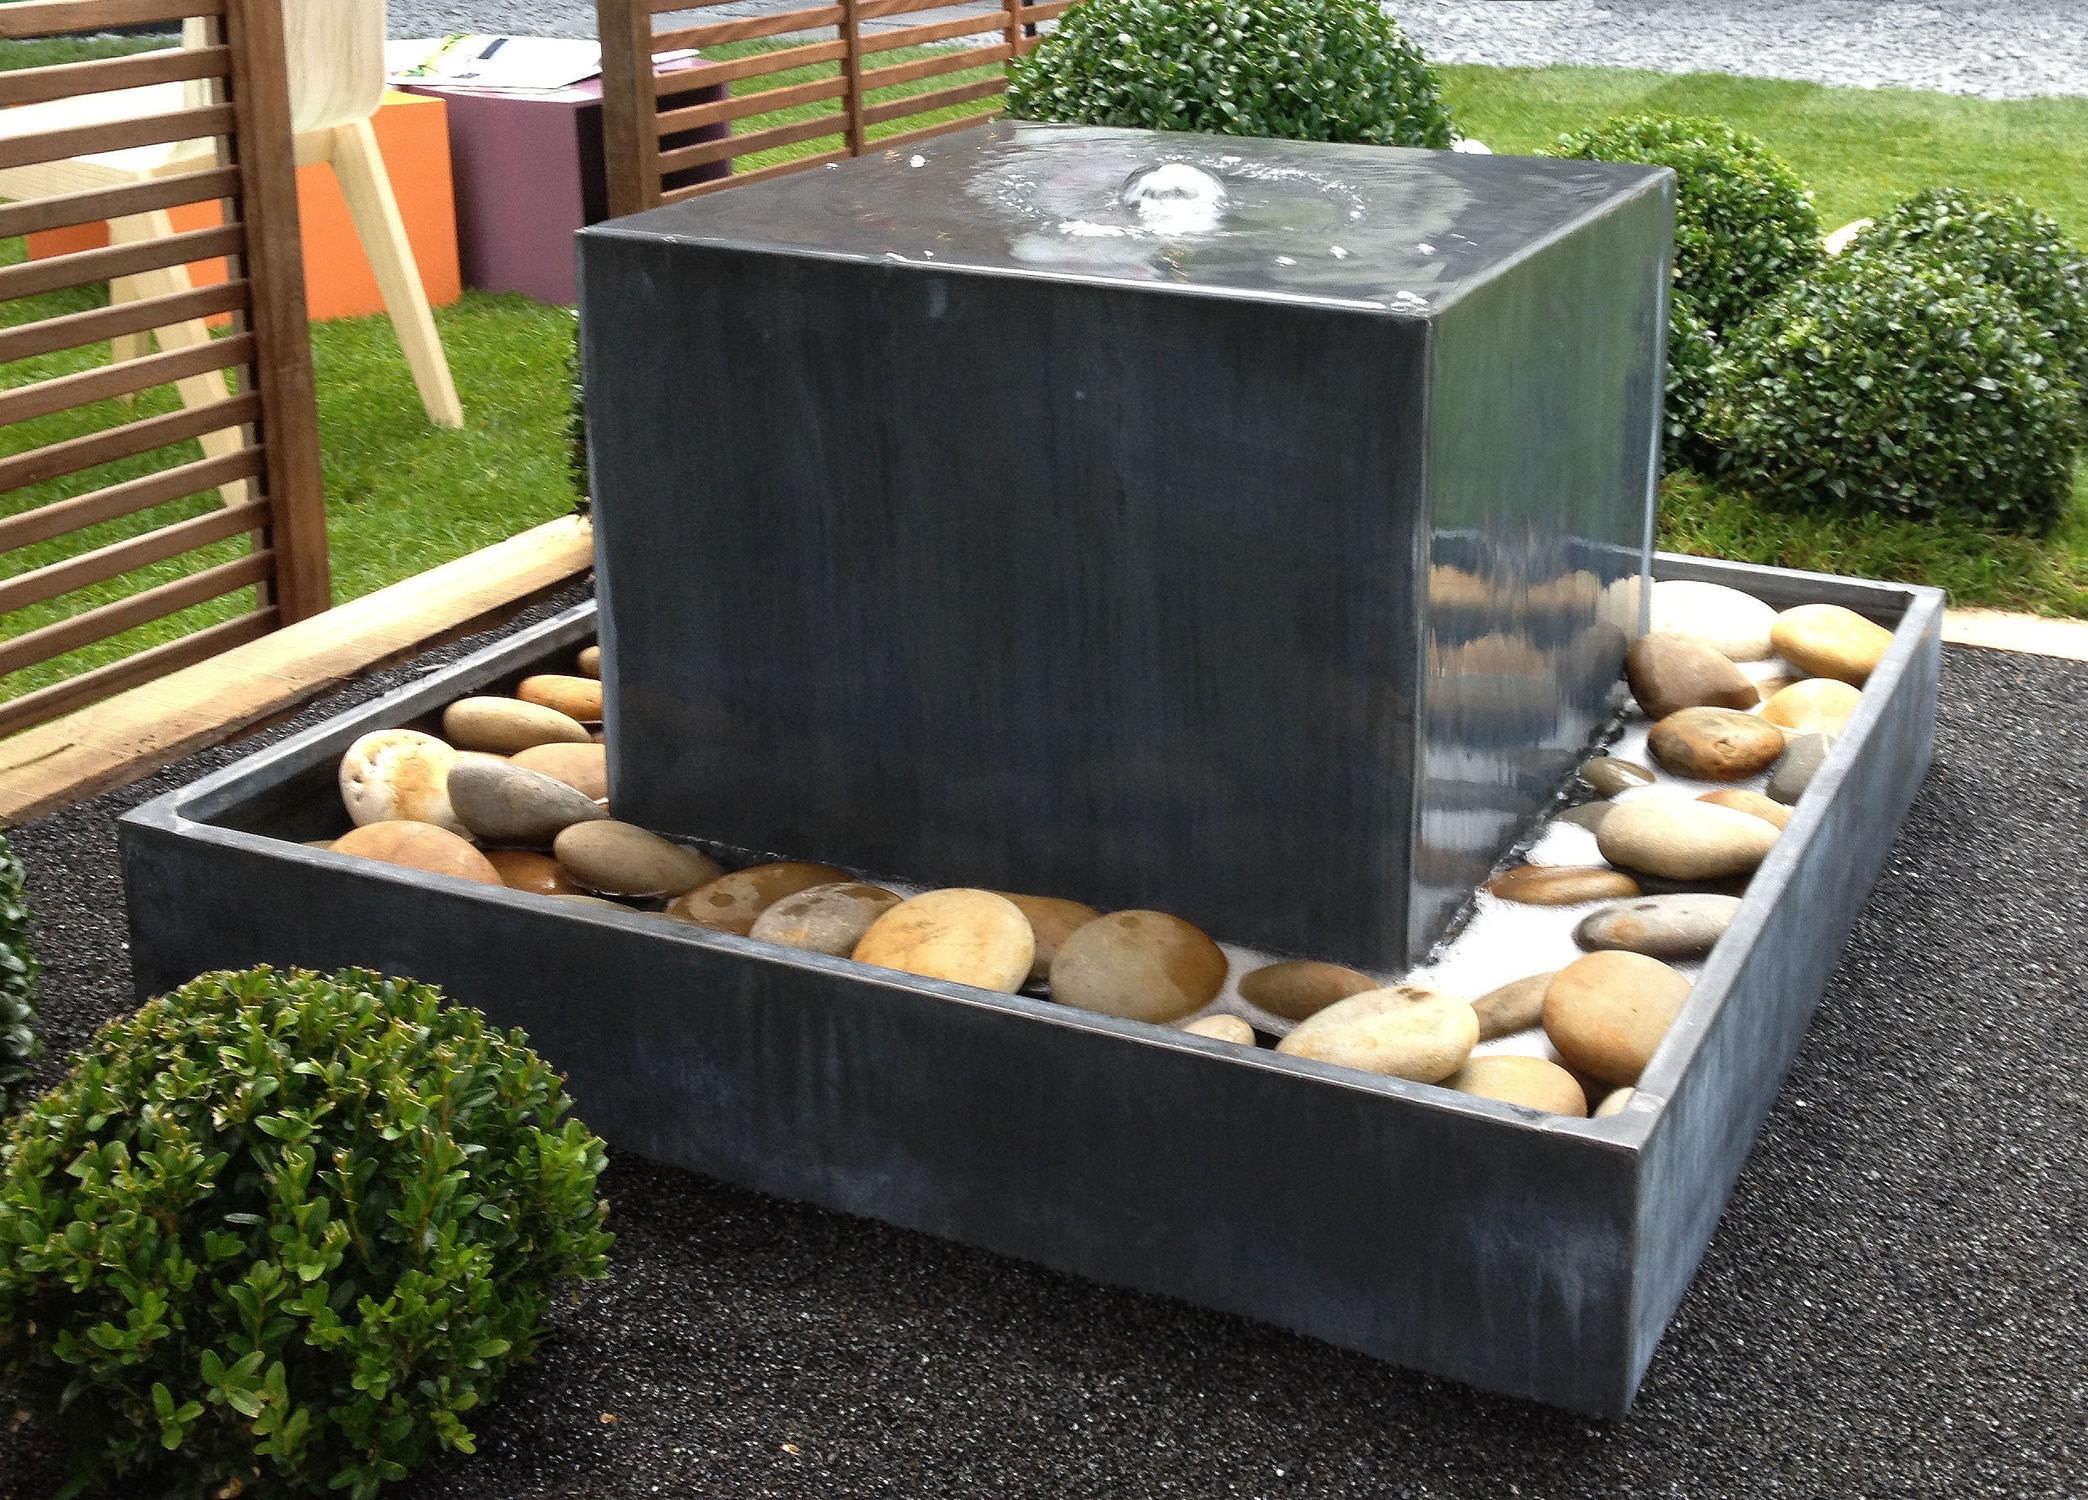 Installer Une Fontaine Dans Son Jardin - Mon Jardin Deco destiné Installation Fontaine De Jardin